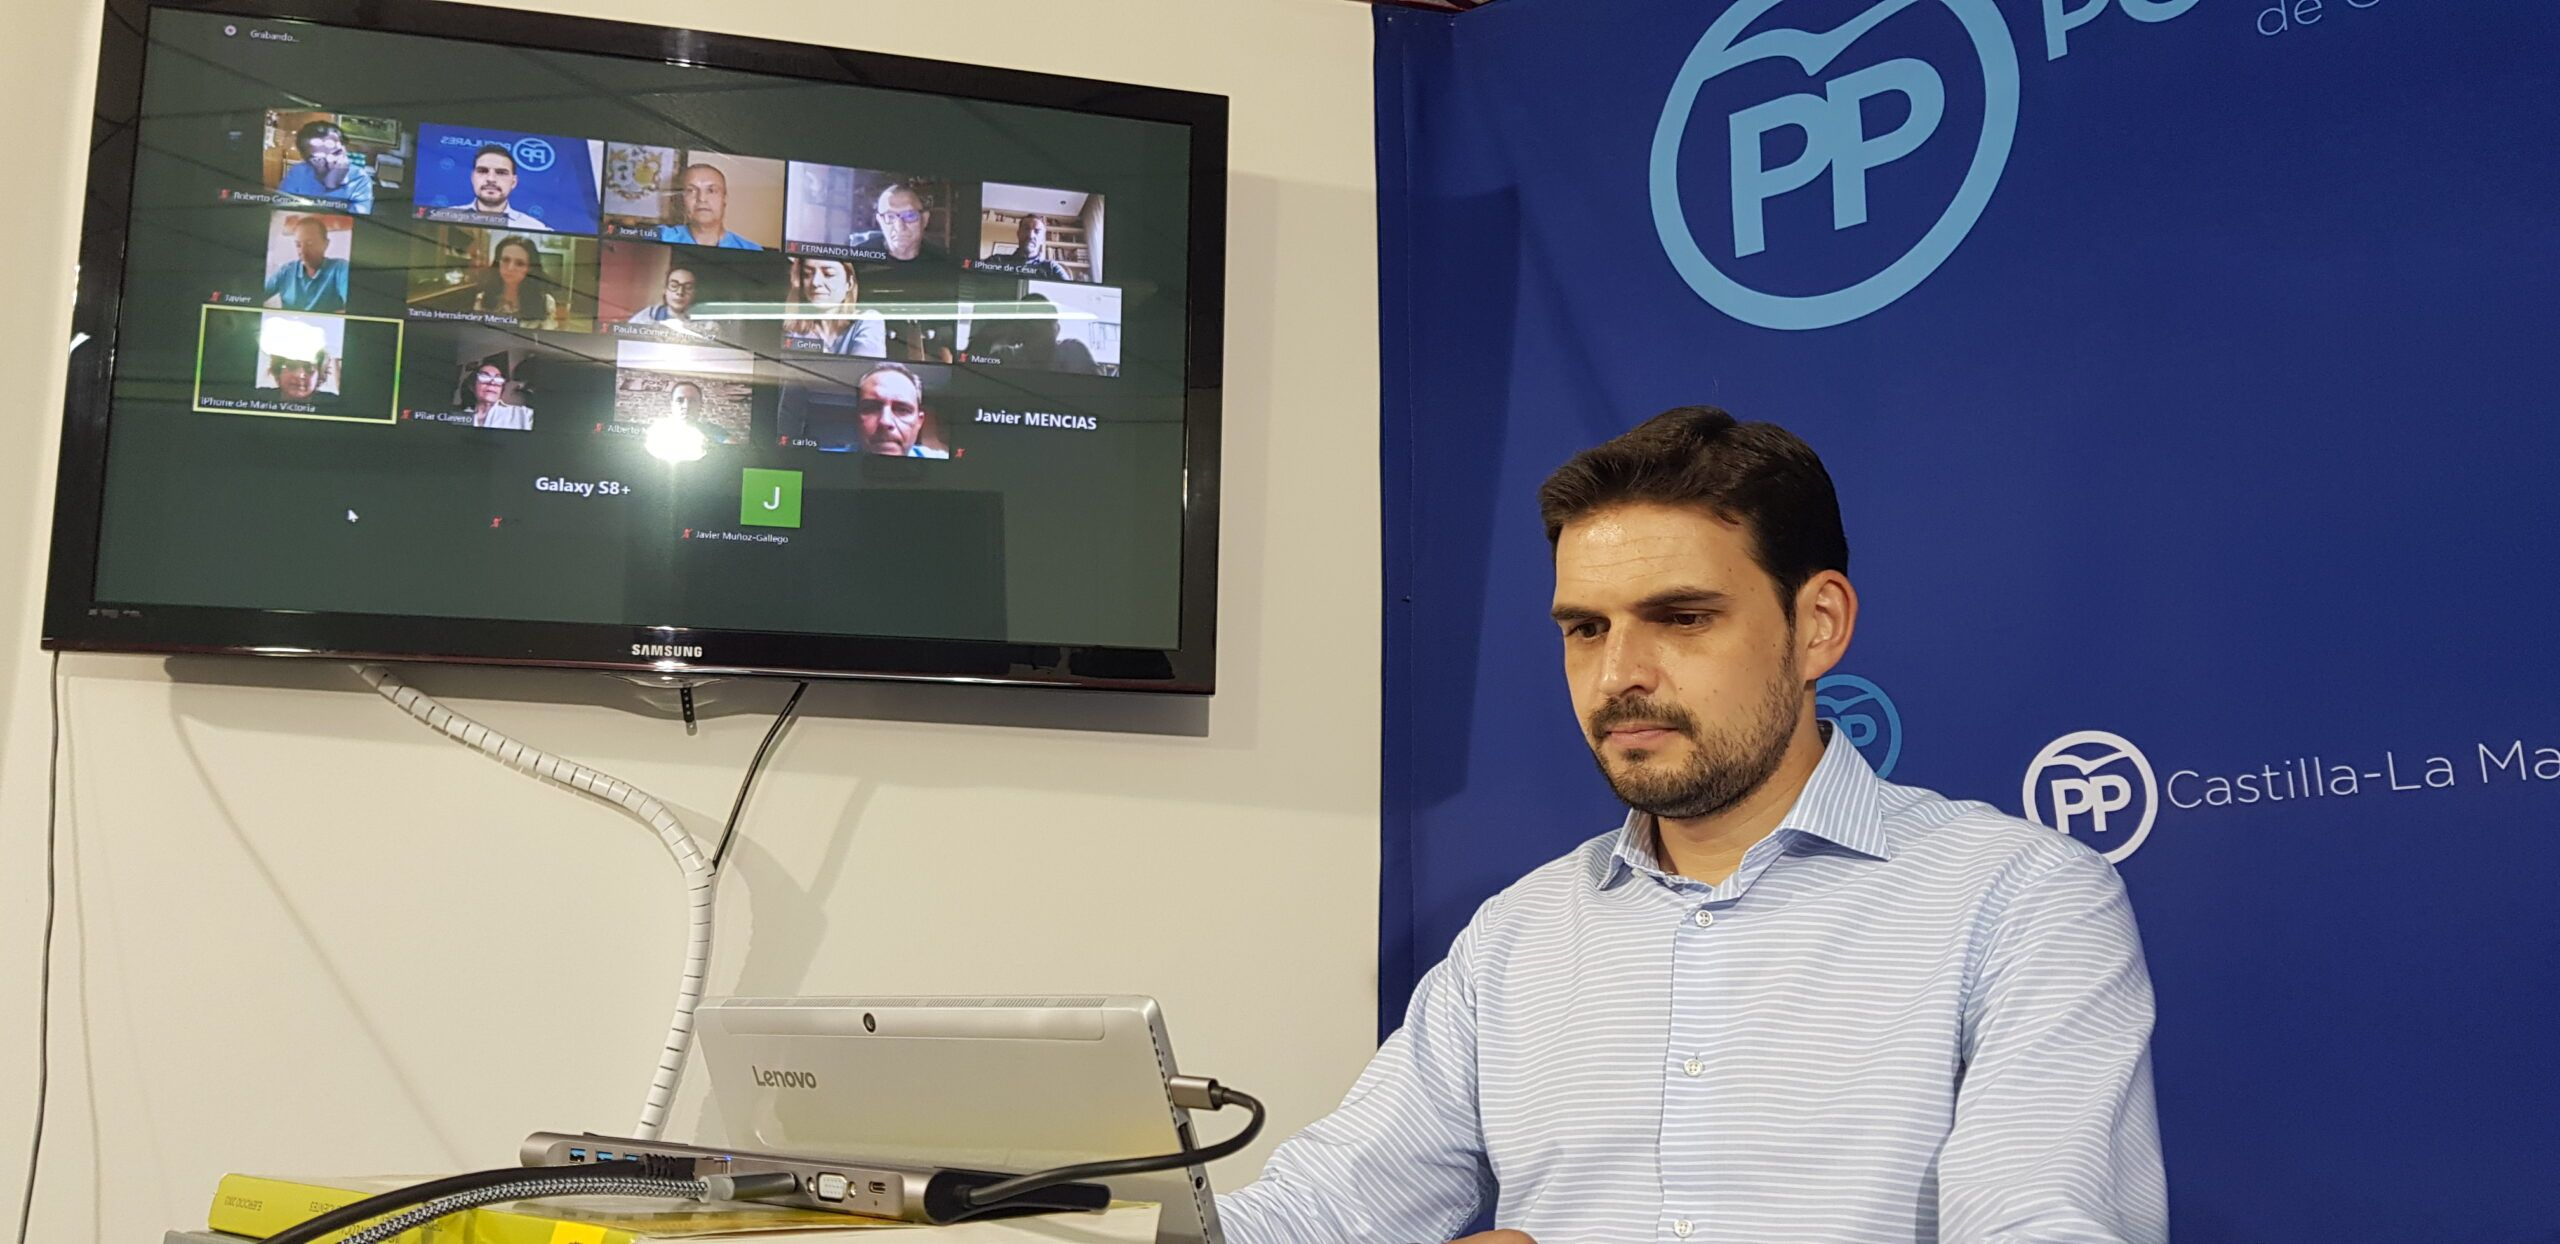 El PP de Talavera saldrá a la calle para recoger firmas contra los indultos